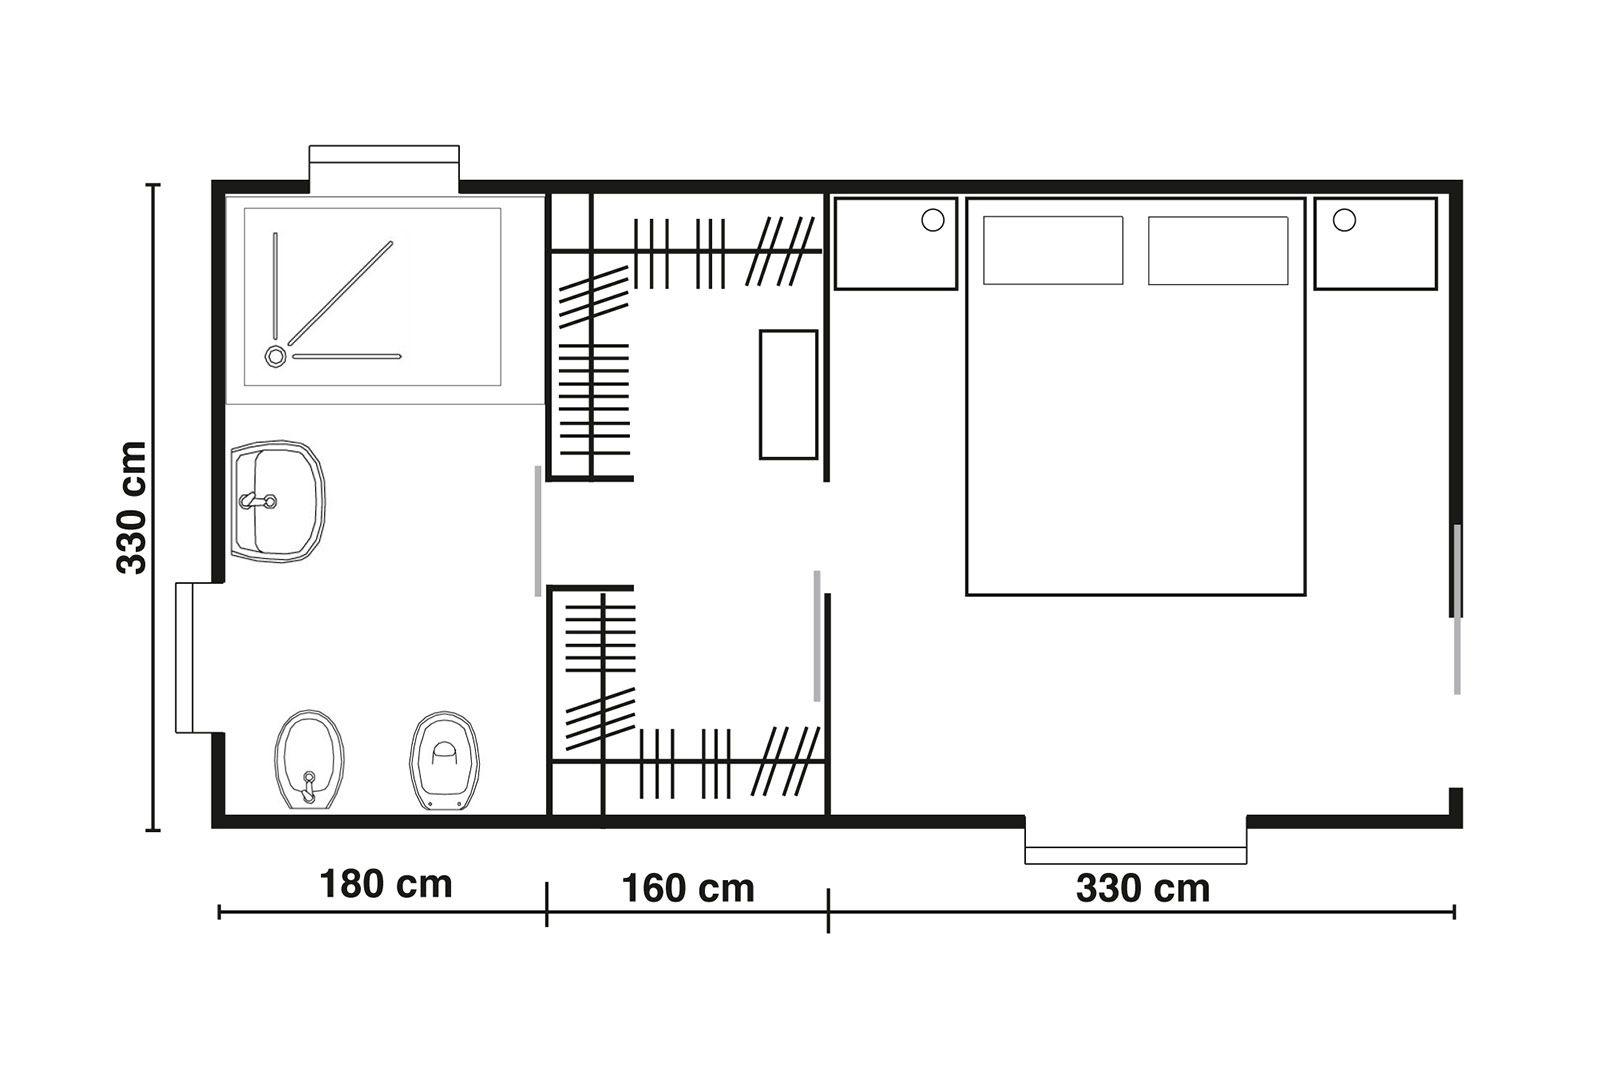 Cabine armadio. Progettiamo insieme lo spazio nel 2019 | La casa ...